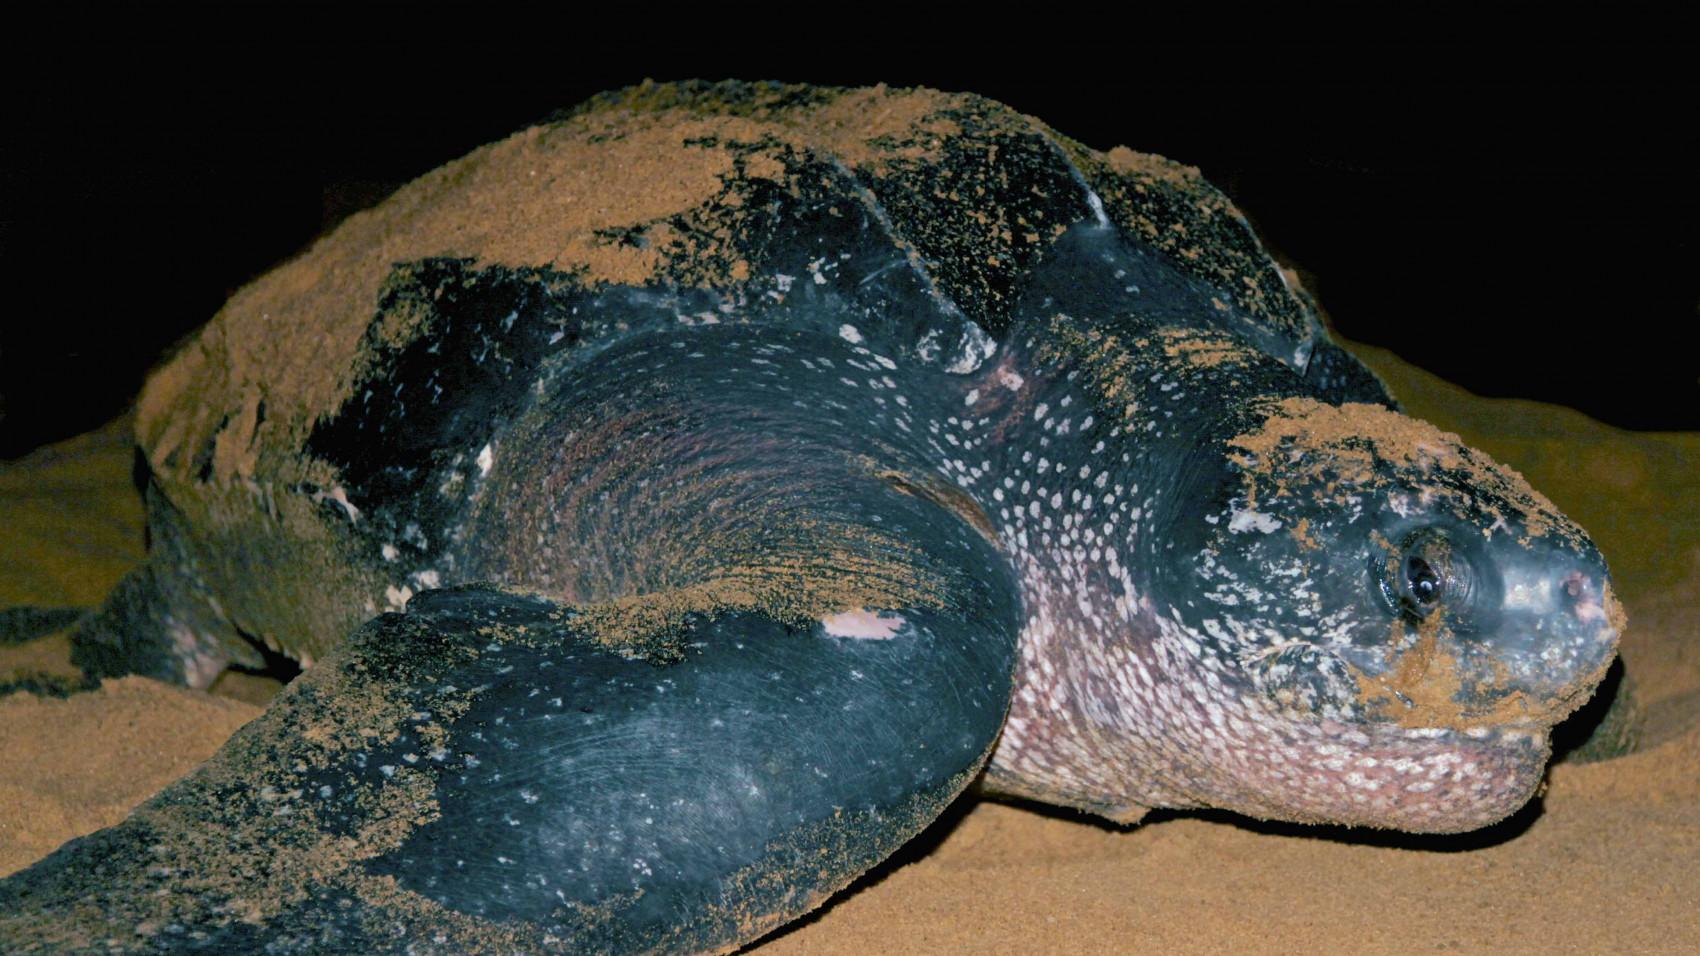 Læderskildpaddes mave var fuld af plastik